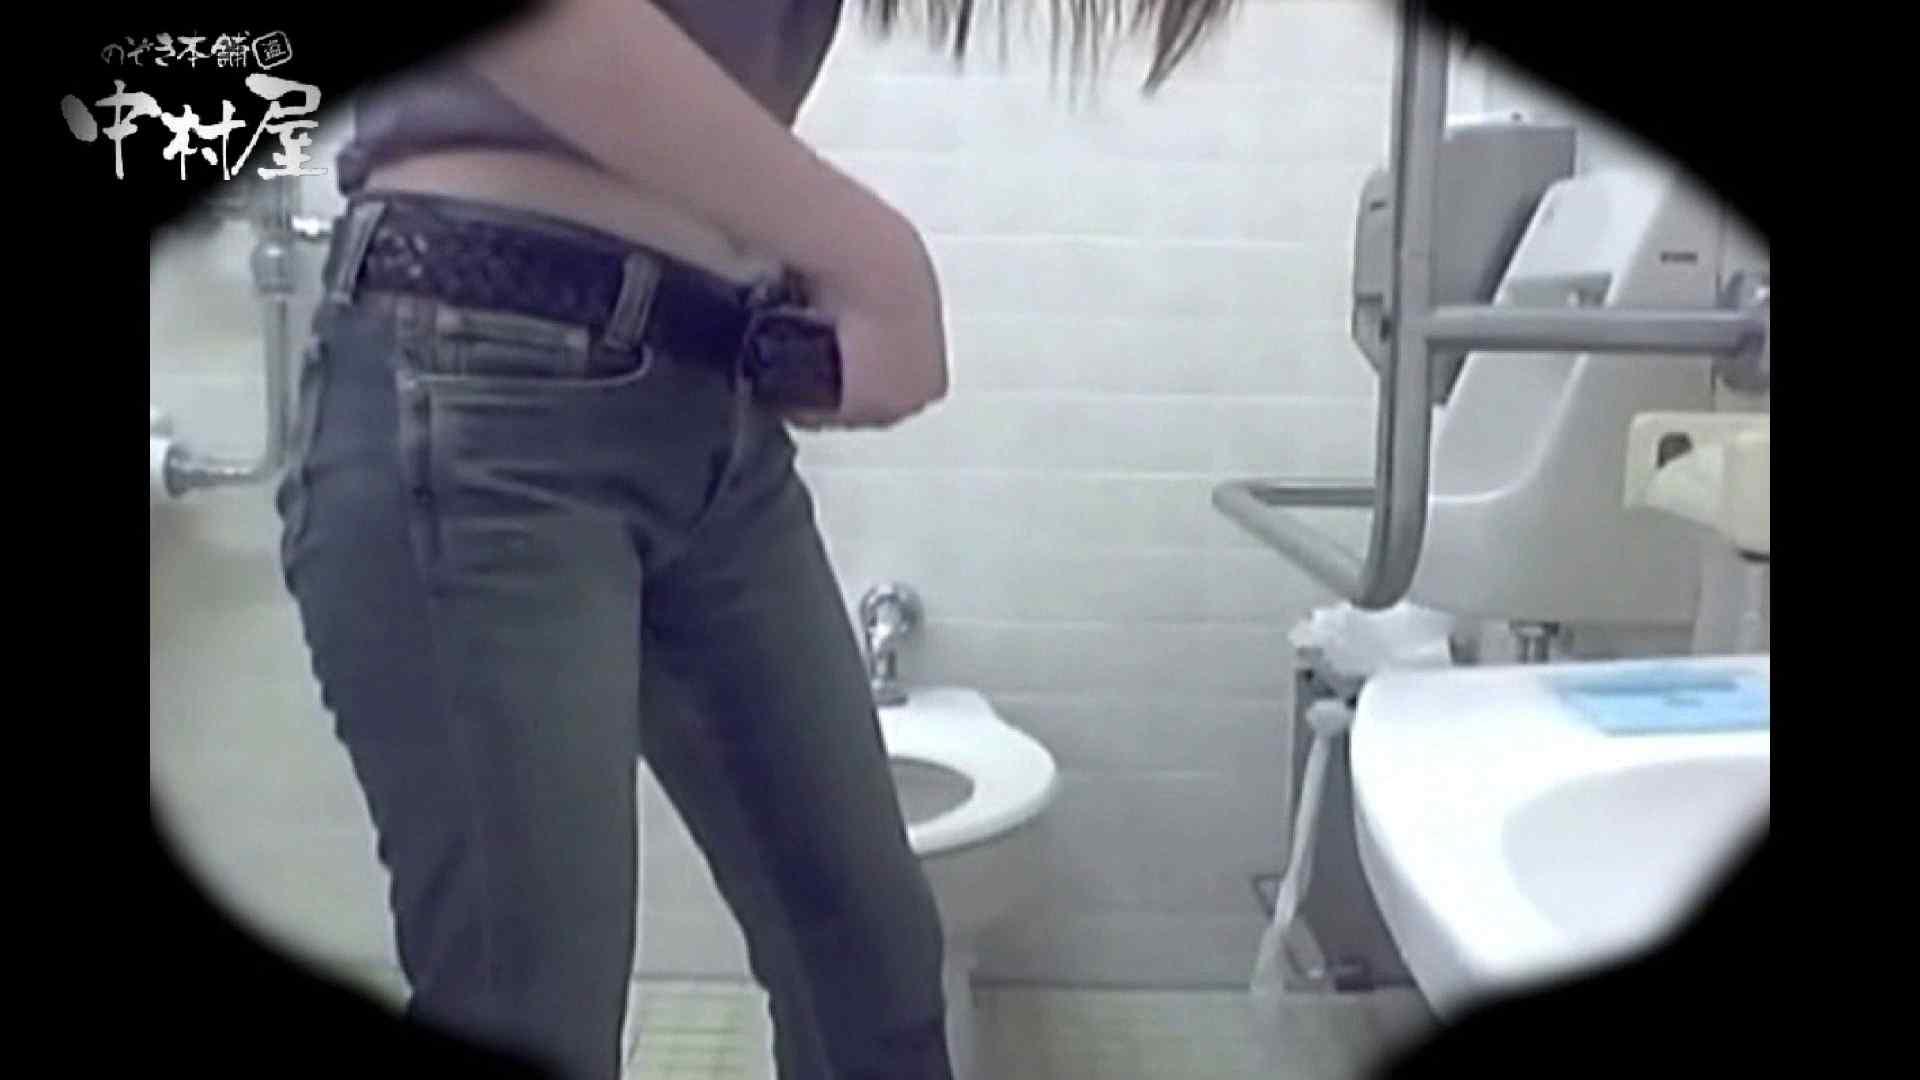 teen galトイレ覗き紙がナイ編‼vol.13 覗き放題 のぞきおめこ無修正画像 59画像 35